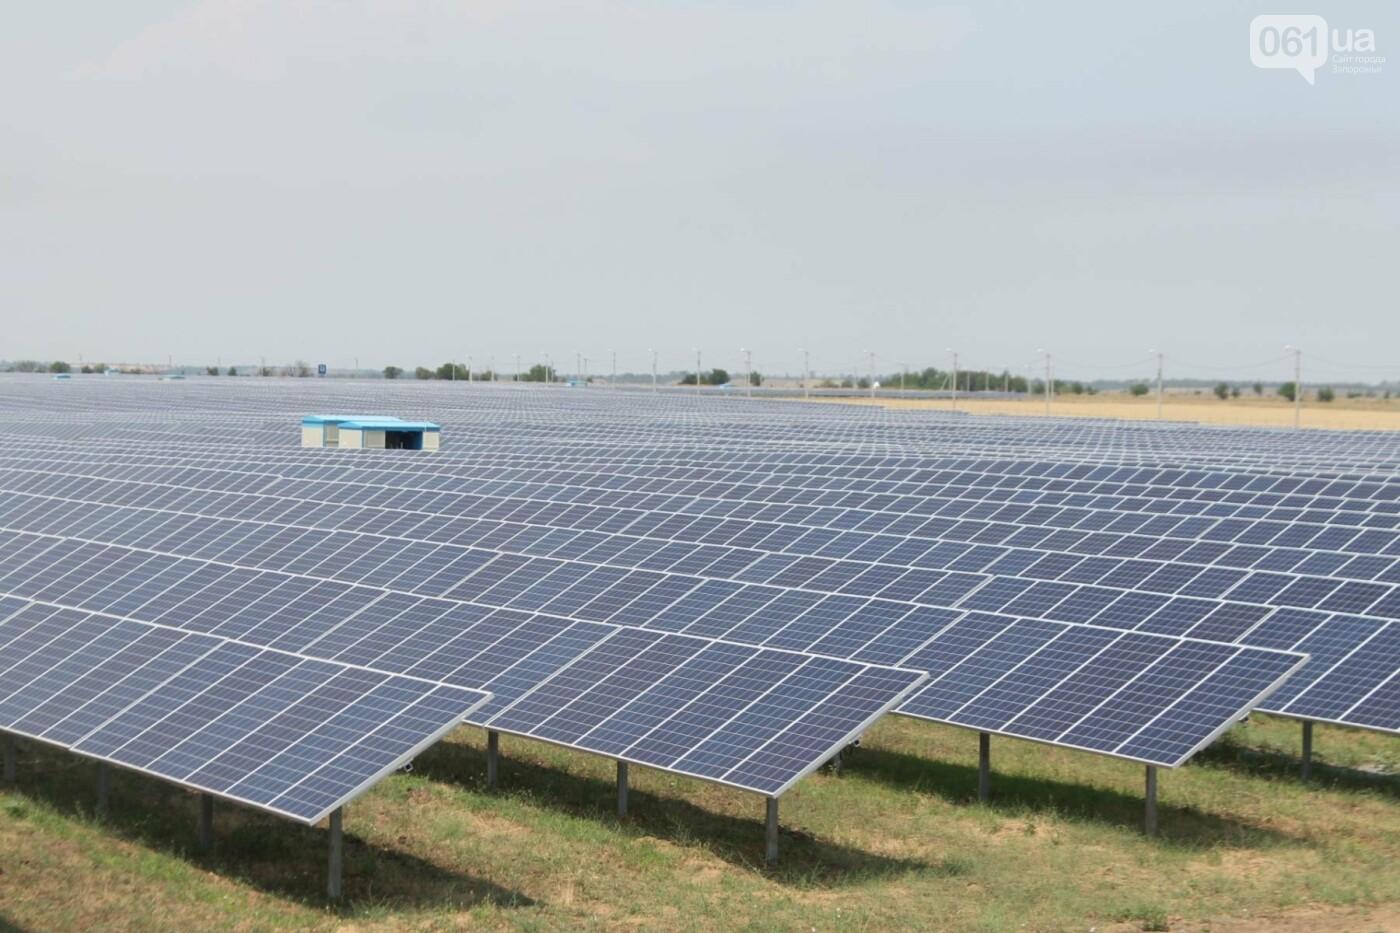 Как в Запорожской области работает крупнейшая в Украине солнечная станция: экскурсия на производство, — ФОТОРЕПОРТАЖ, фото-1